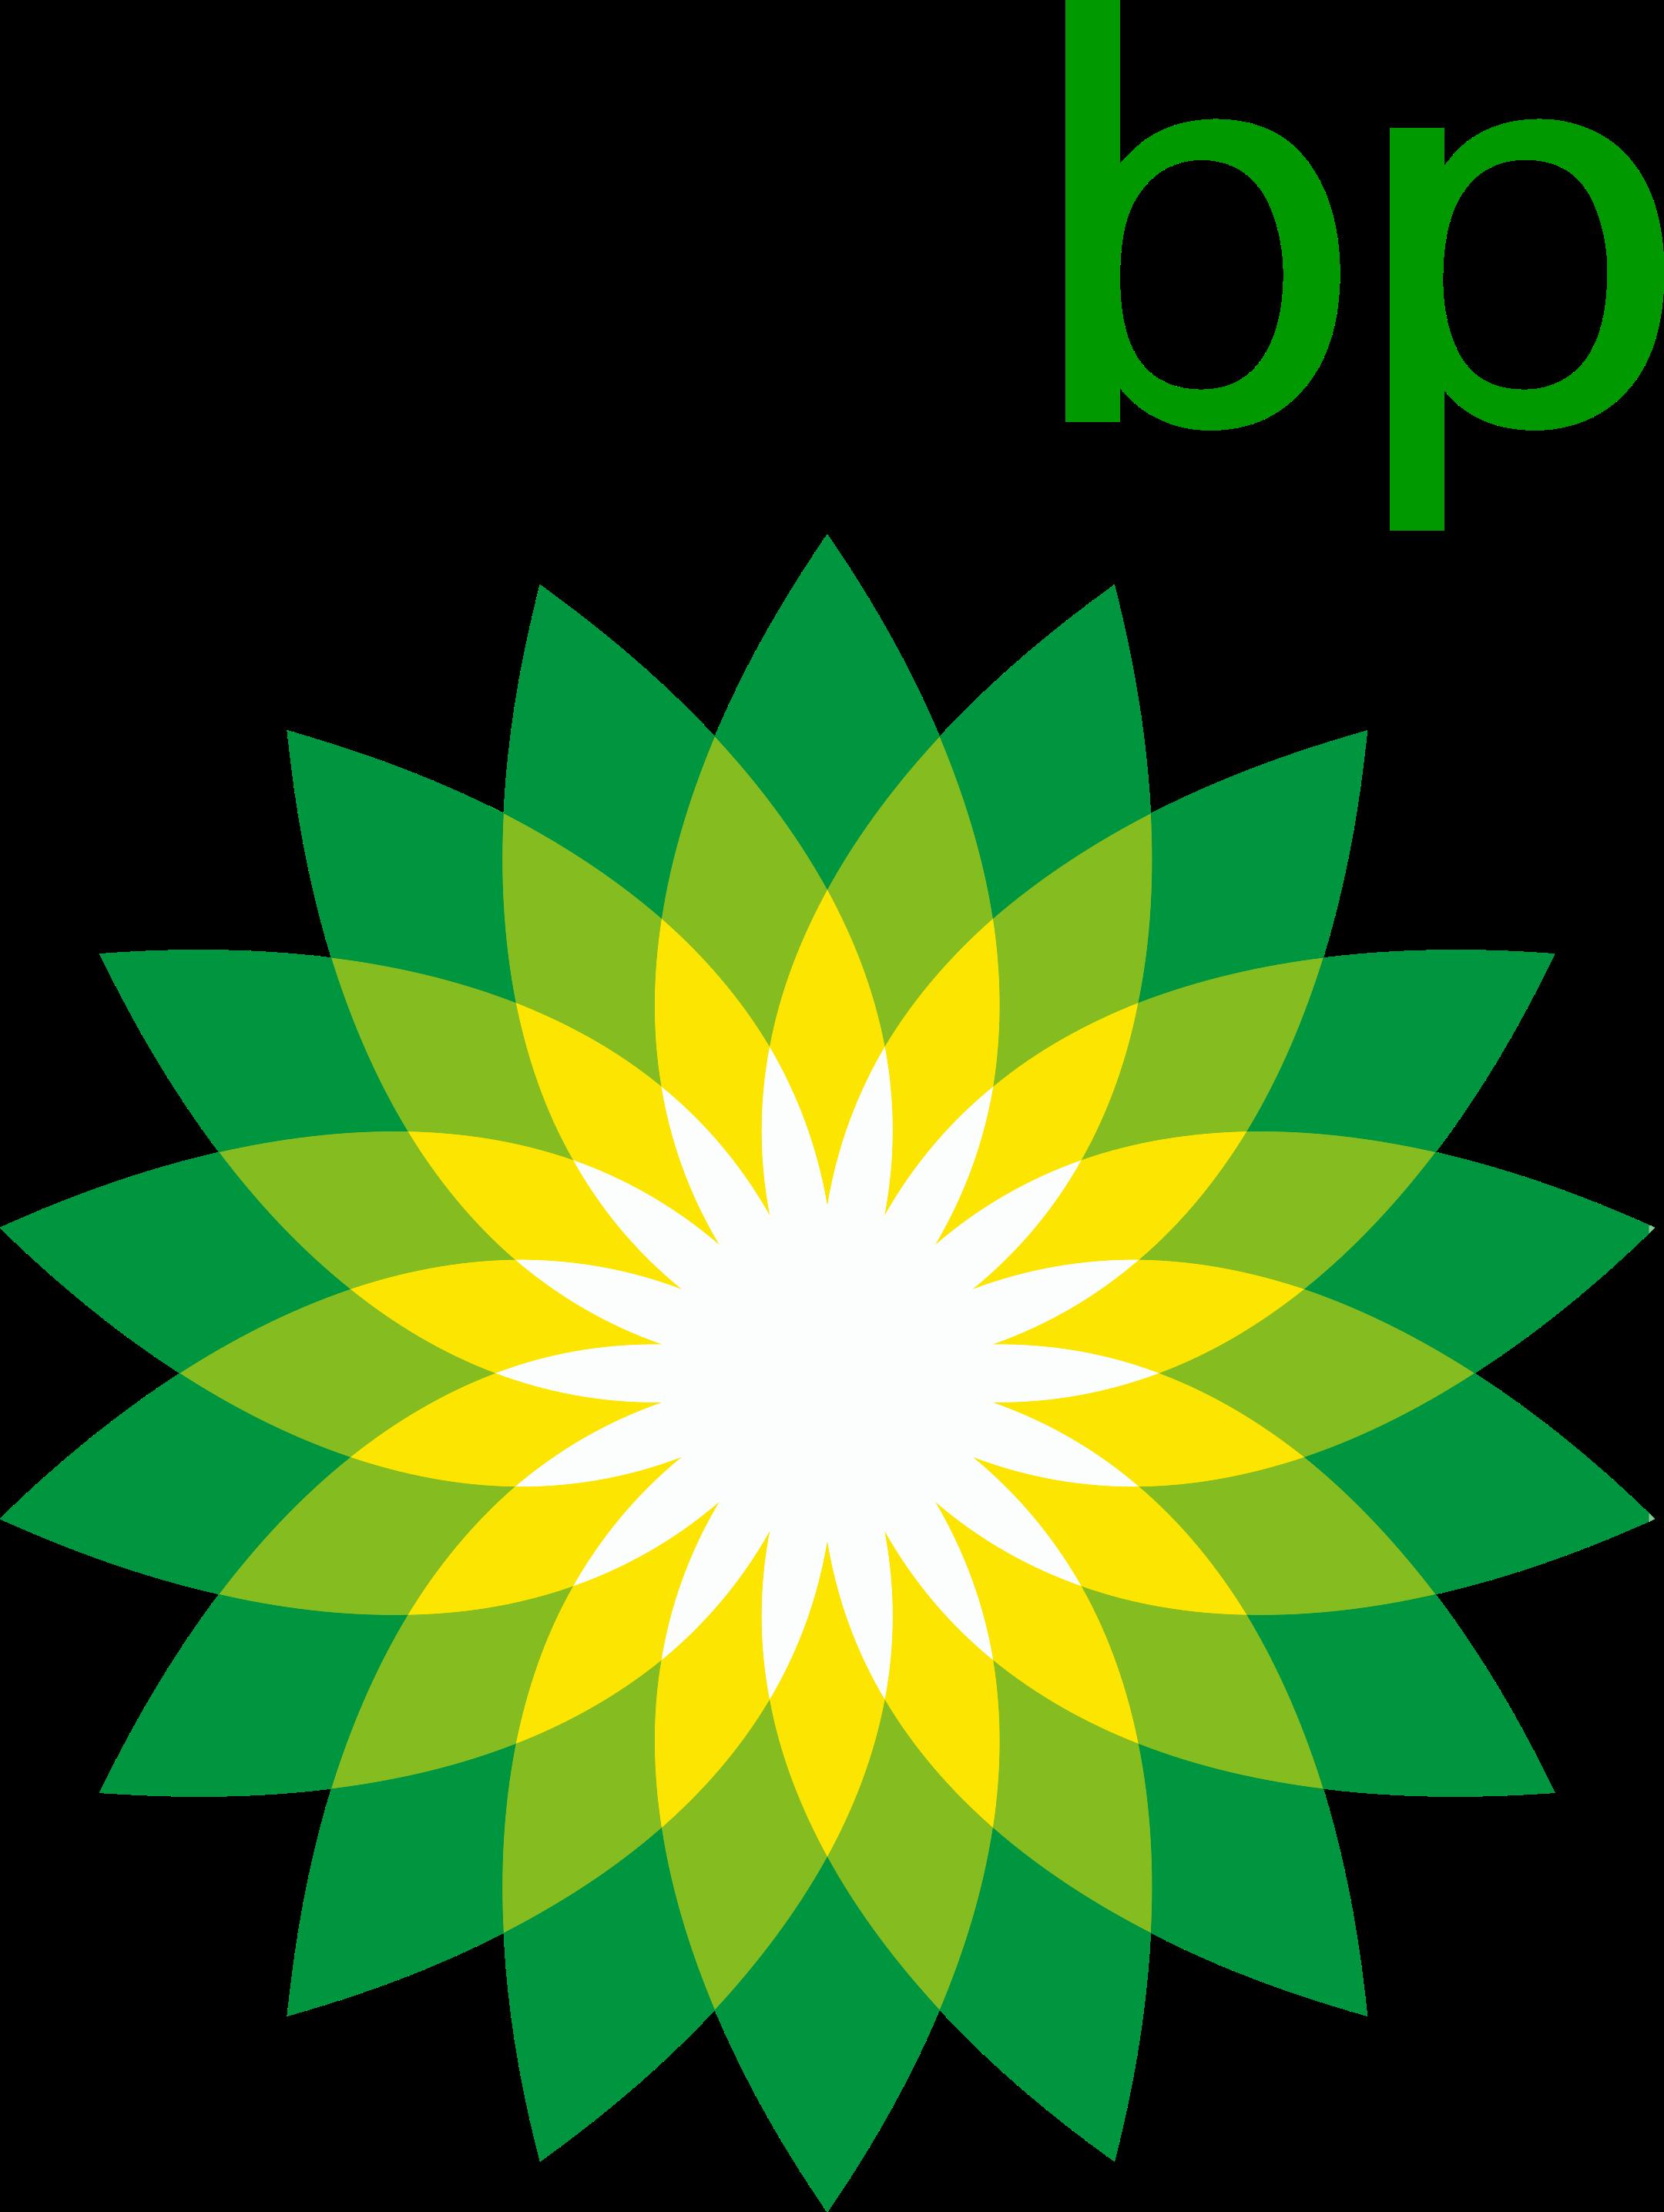 bp logo 2png - BP Logo